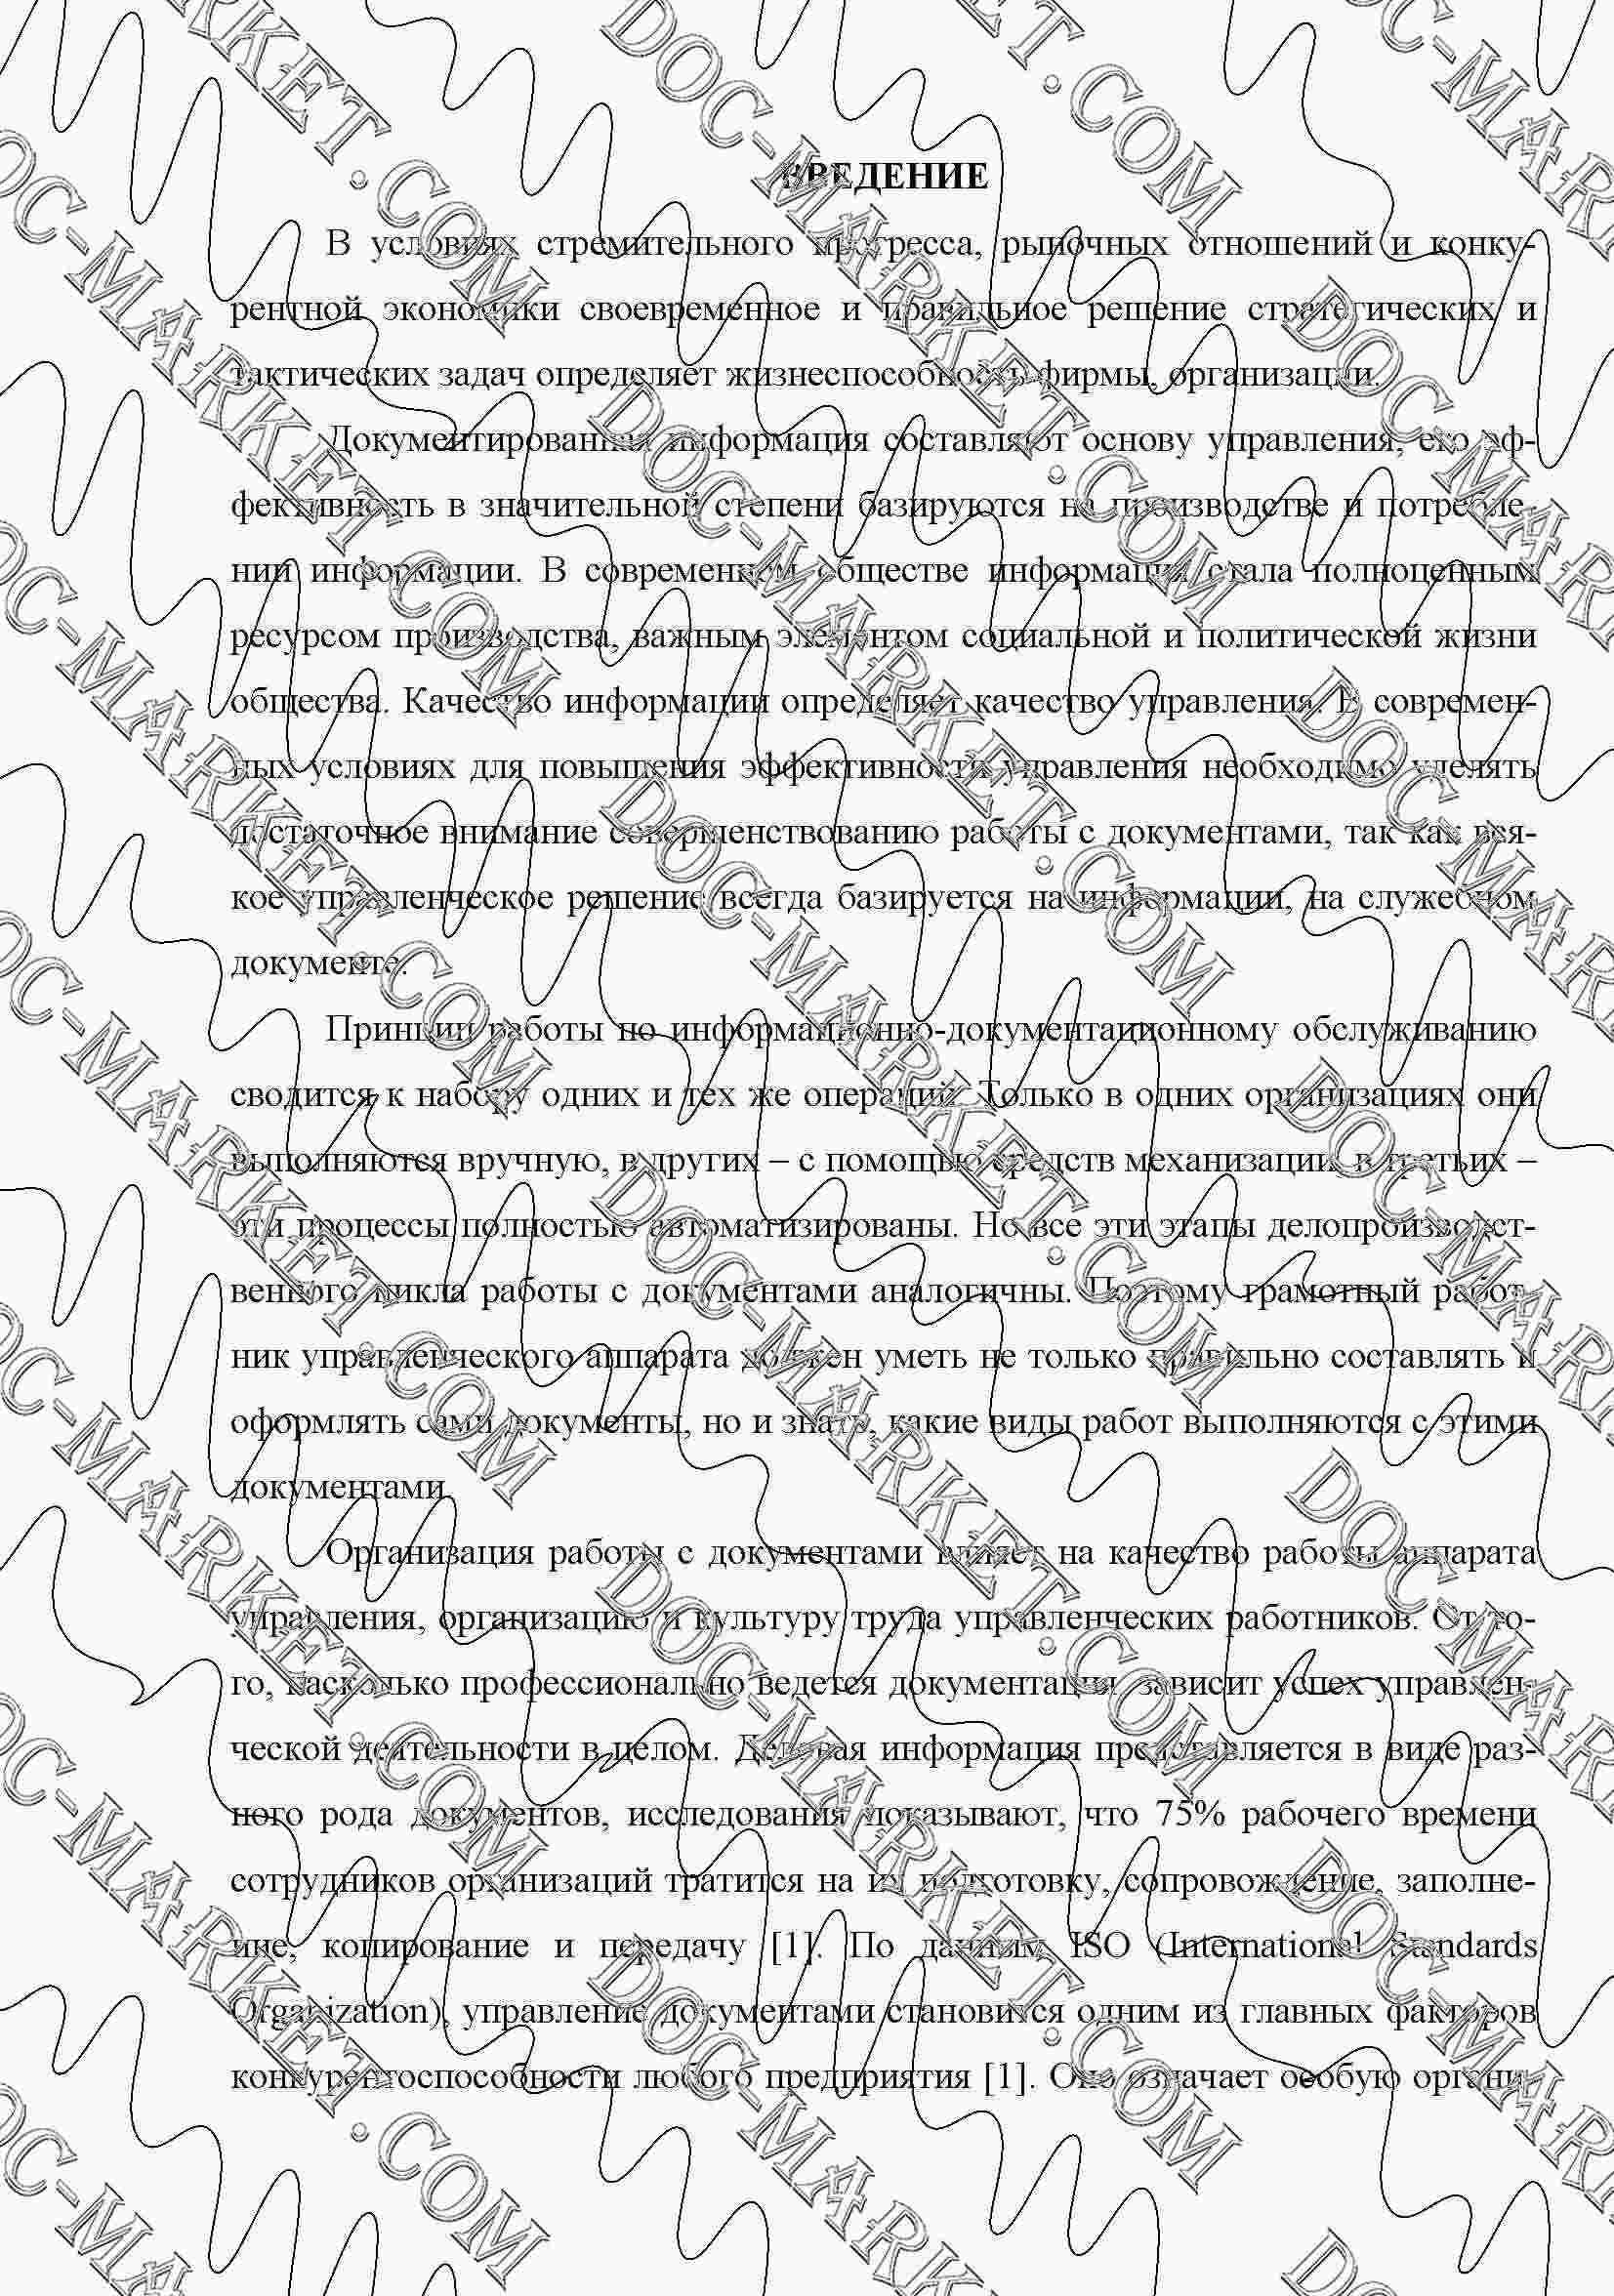 Дипломная работа Диплом на тему Совершенствование существующего  диплом развитие системы электронного документооборота предприятия